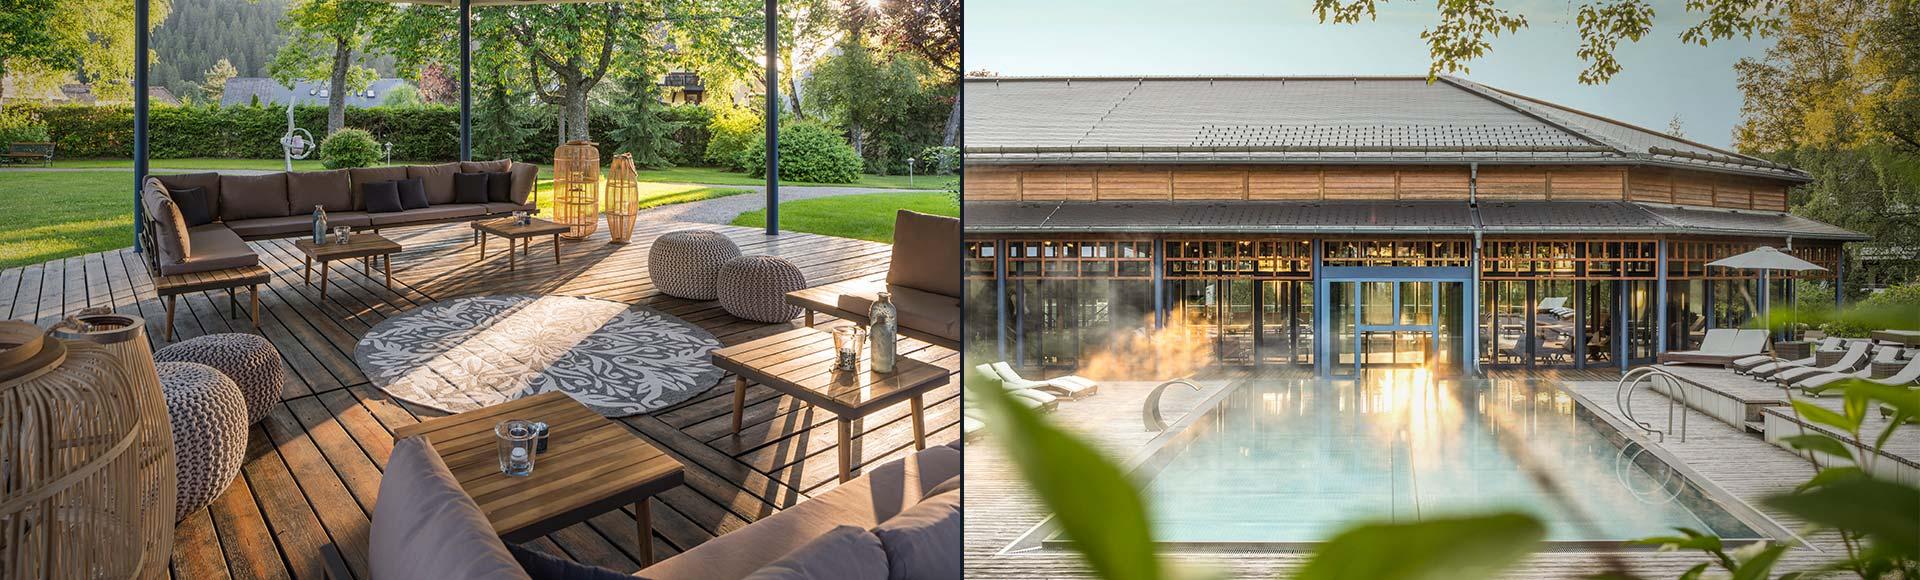 Ihr Wellness Wochenende im Schwarzwald - Hotel Ritter Durbach